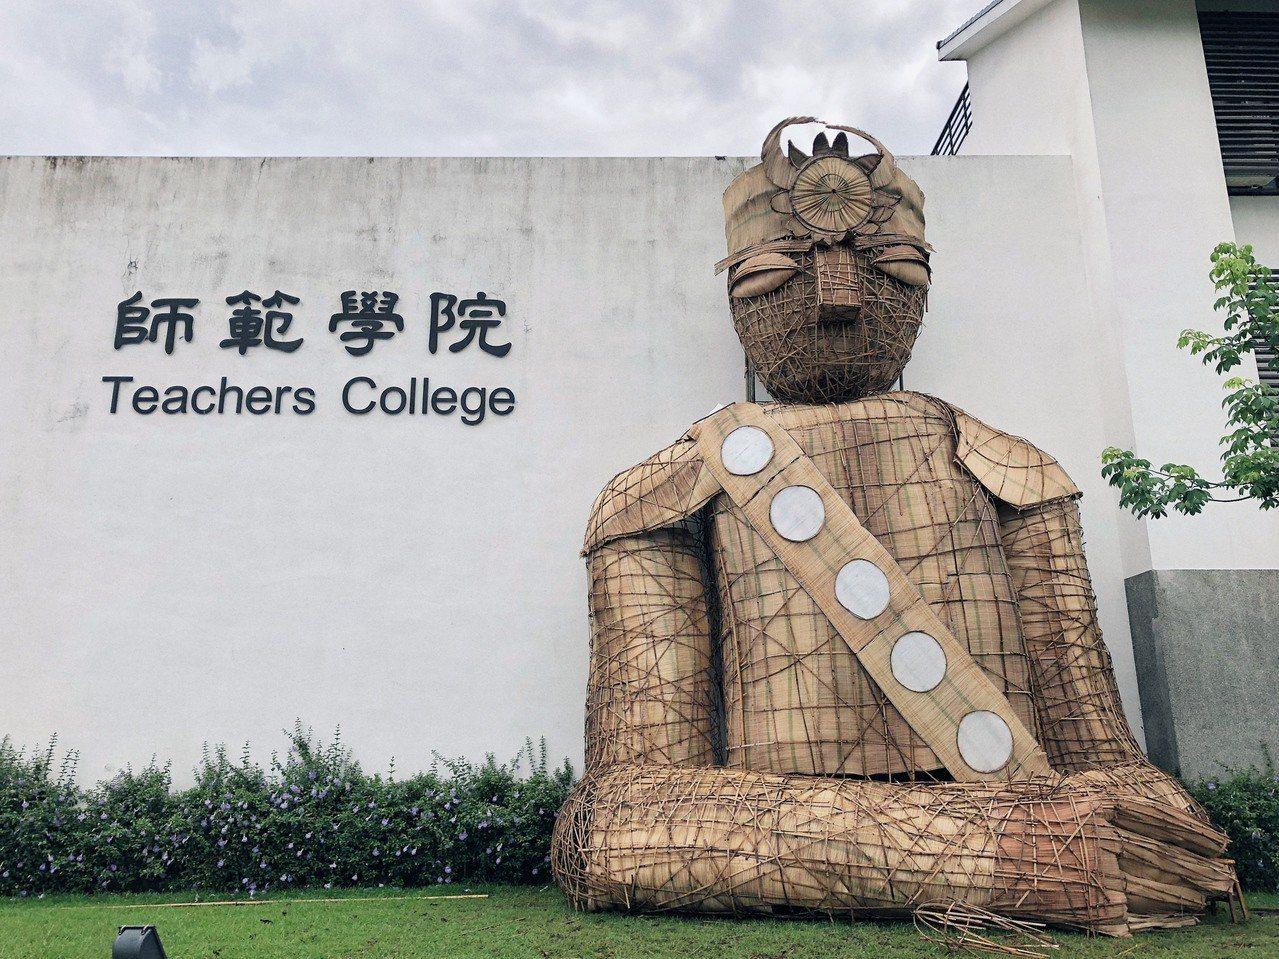 台東大學師範學院3個系所學生花了約20天集體創作,以多元素材打造一個4層樓高的排...